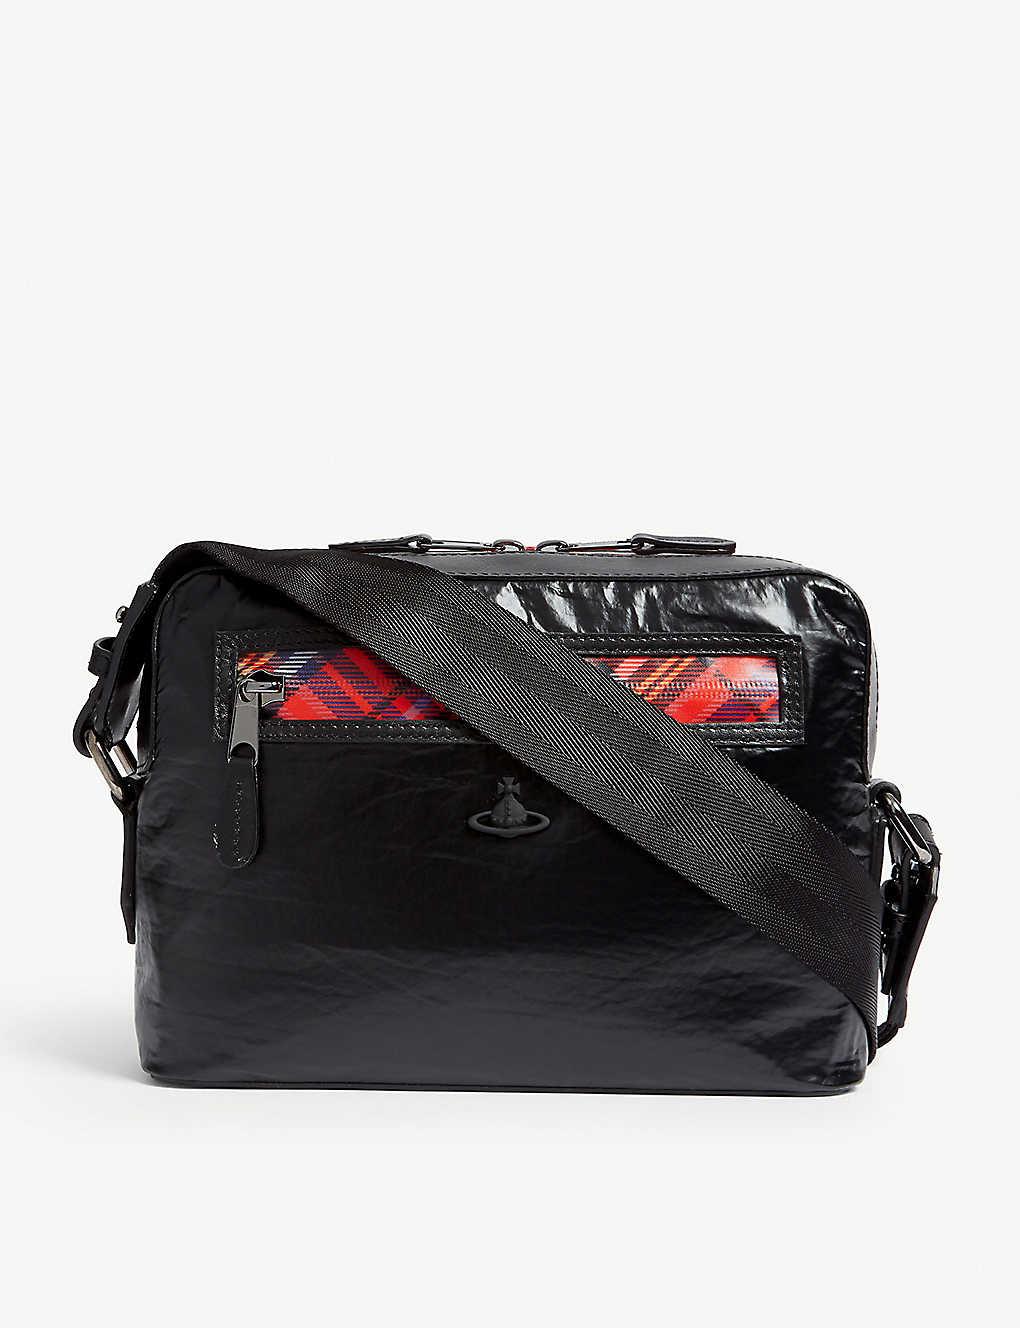 63169c389e VIVIENNE WESTWOOD - Wimbledon leather messenger bag